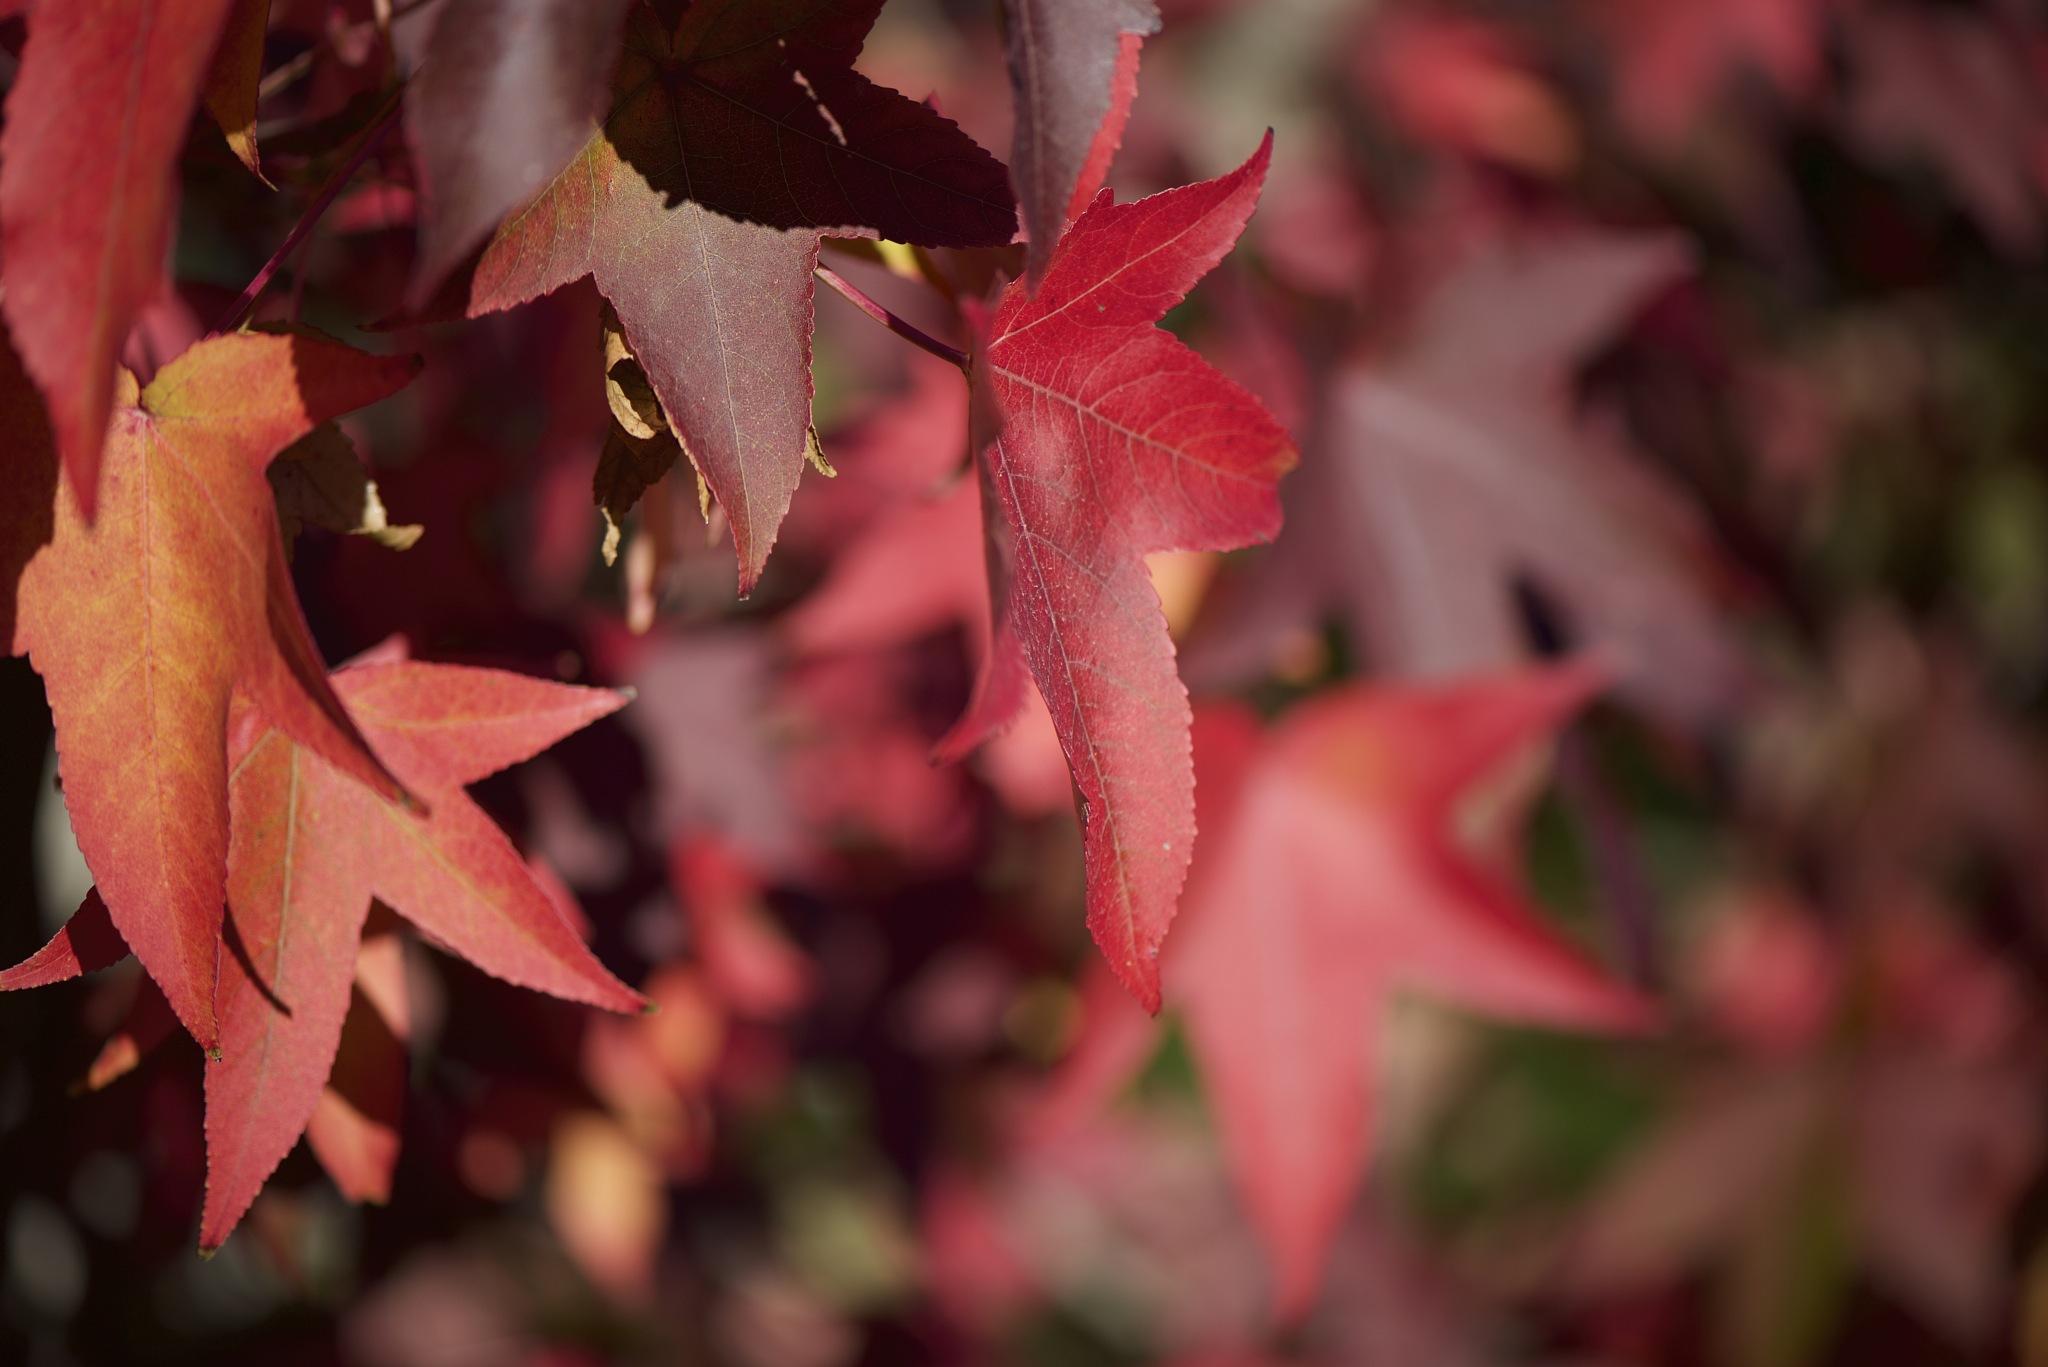 Seeing red. by Lydie Burgunder